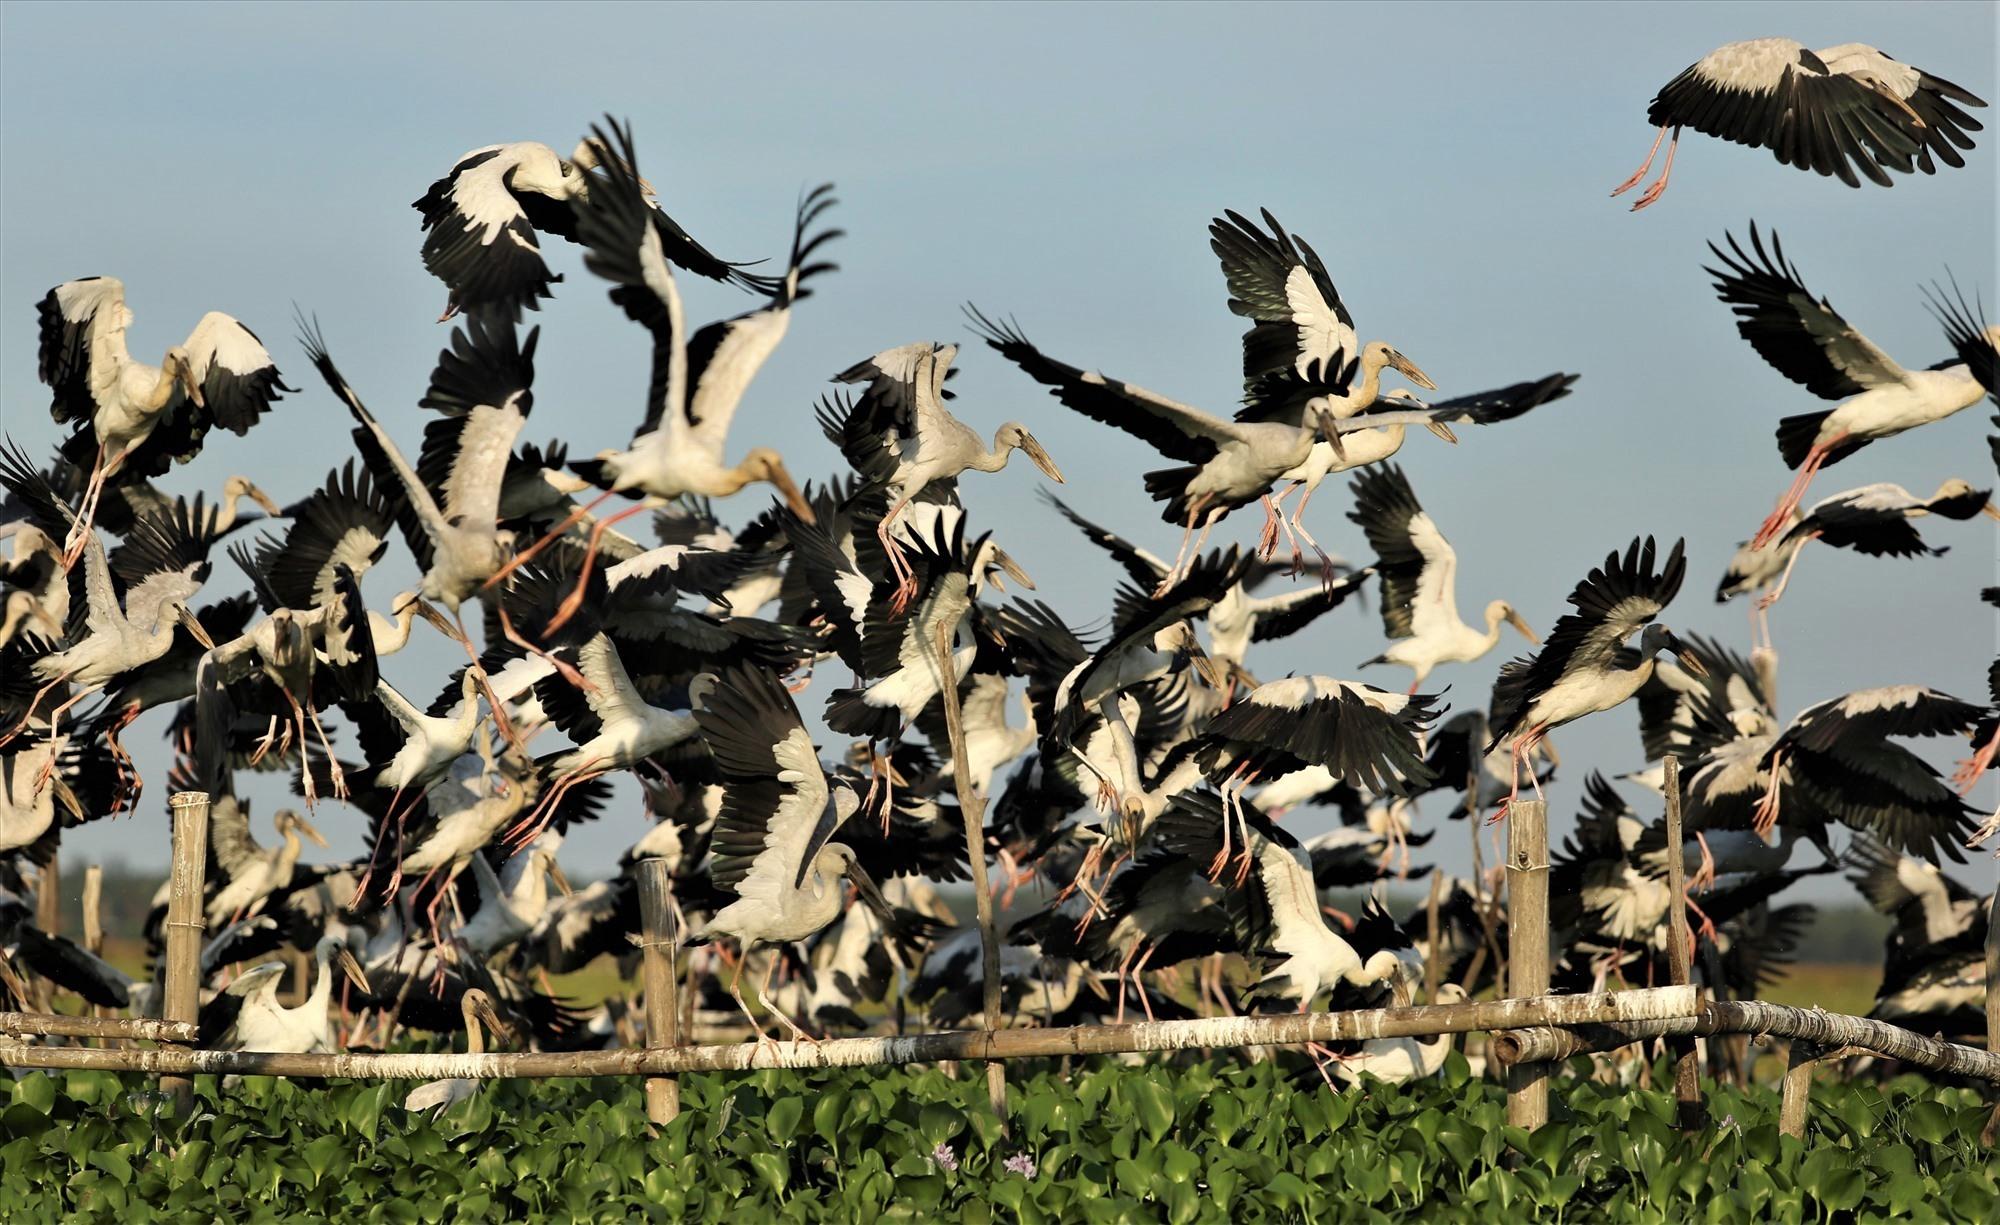 Đàn cò ốc bay về chuẩn bị đậu ở khu bãi cọc trên sông Đầm do người dân địa phương làm